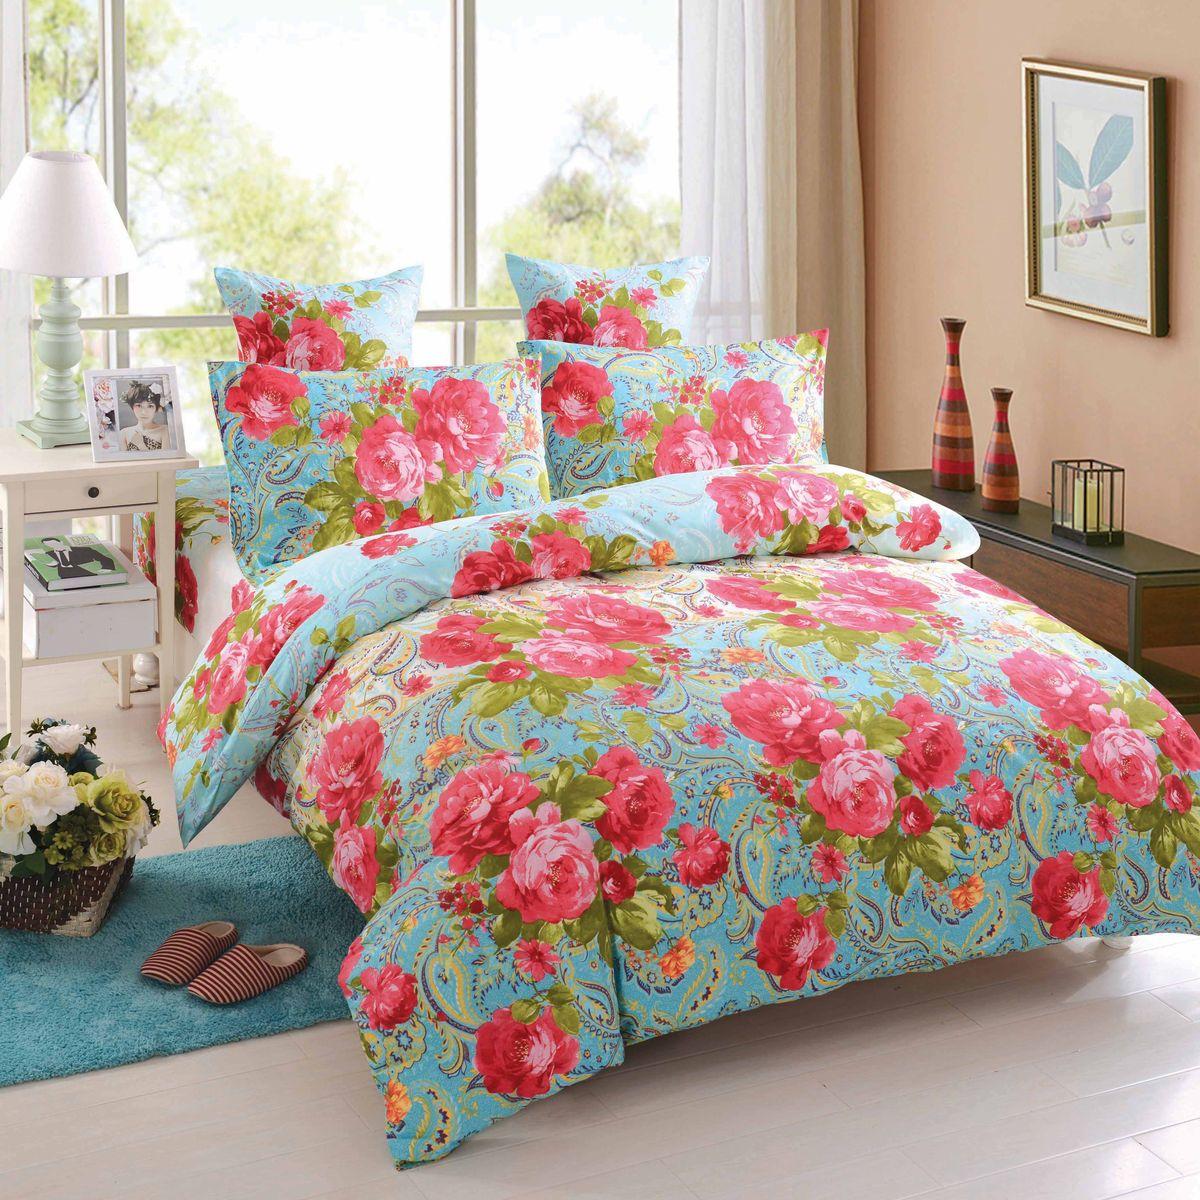 Комплект белья Amore Mio Naples, 1,5-спальный, наволочки 70x70, цвет: красный, голубой87083Постельное белье Amore Mio из сатина - оригинальные дизайны и отменное качество. Ткань изготовлена из 100% хлопка, плотная и легкая, яркие рисунки, отменное качество пошива.